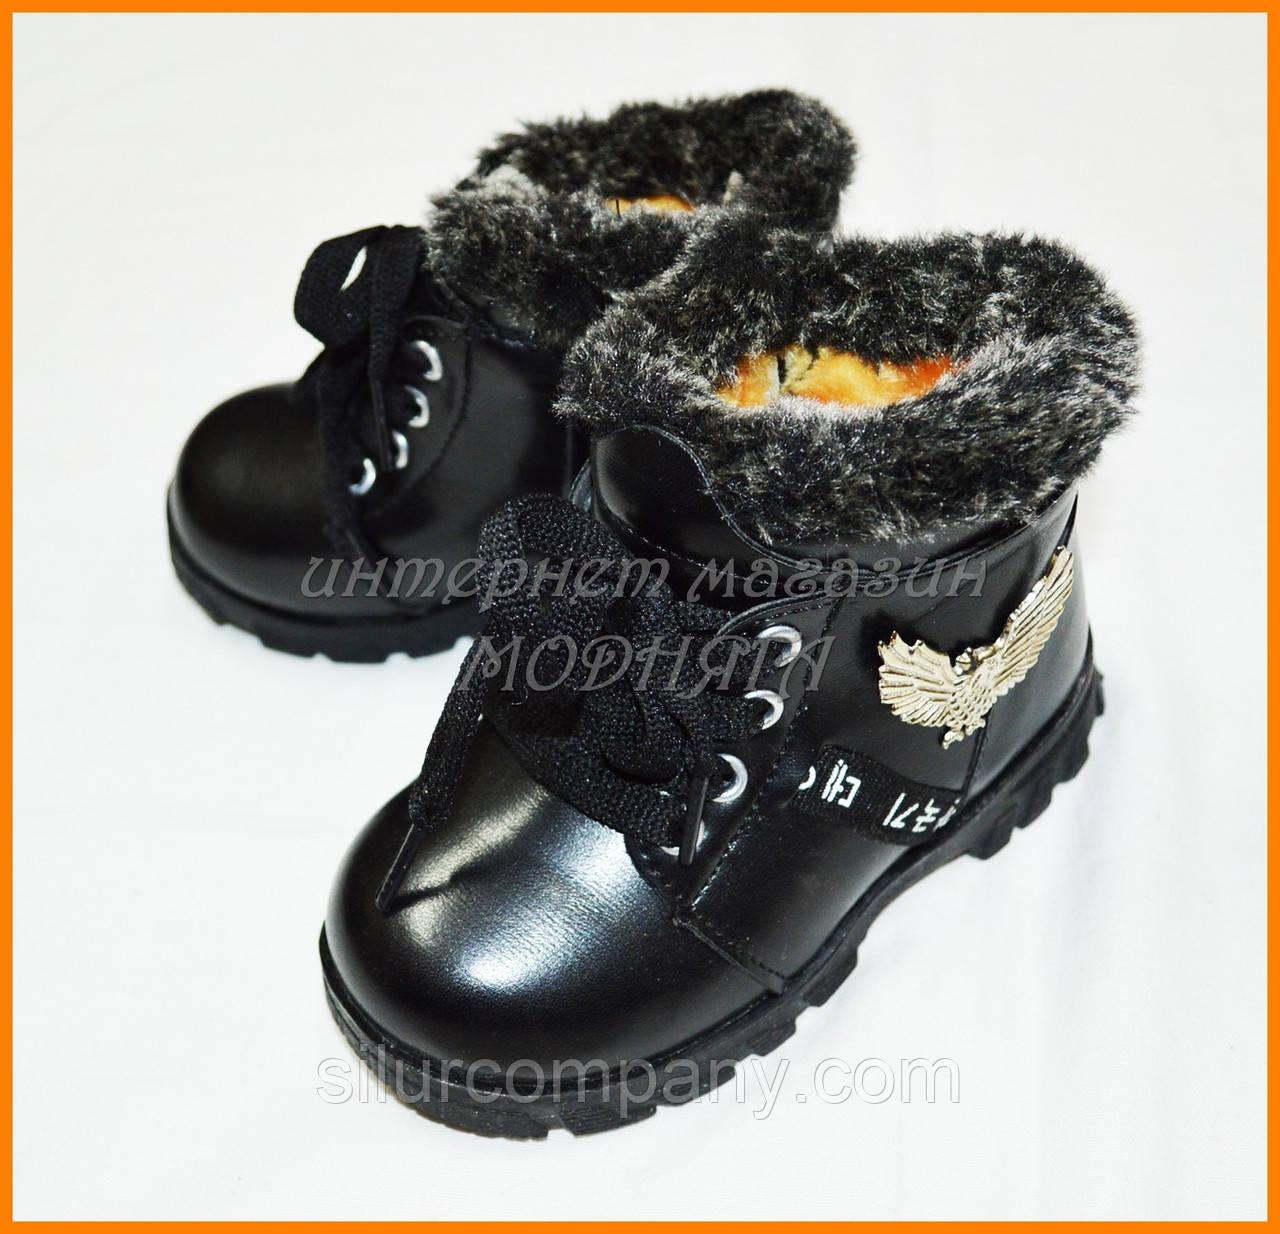 f58e9e91e Детские ботинки | Спортивные ботинки для мальчика - Интернет магазин